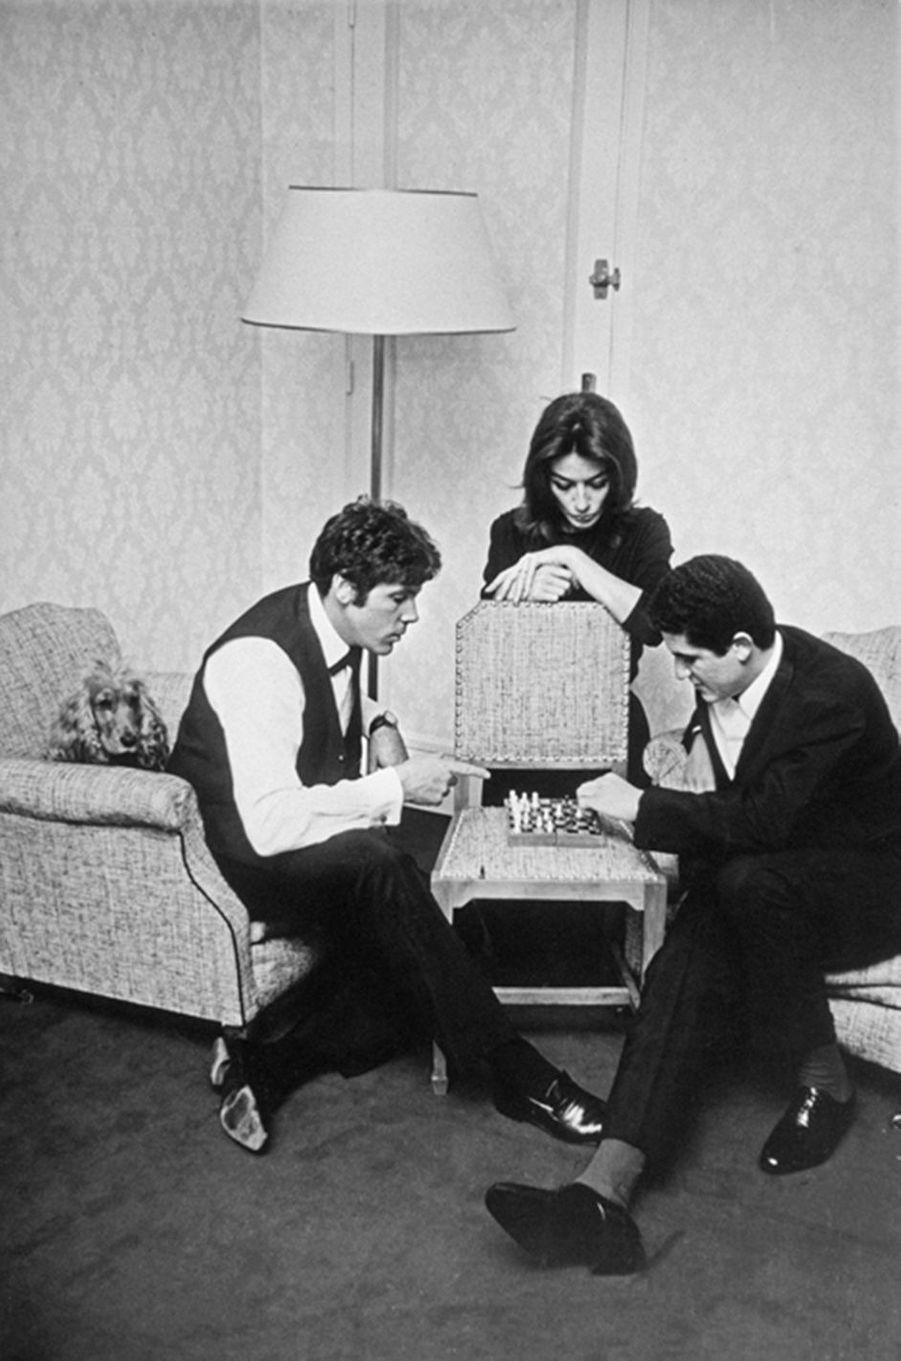 Claude Lelouch joue aux échecs avec Pierre Barouch dans une chambre d'hôtel sous le regard d'Anouk Aimée, mai 1966